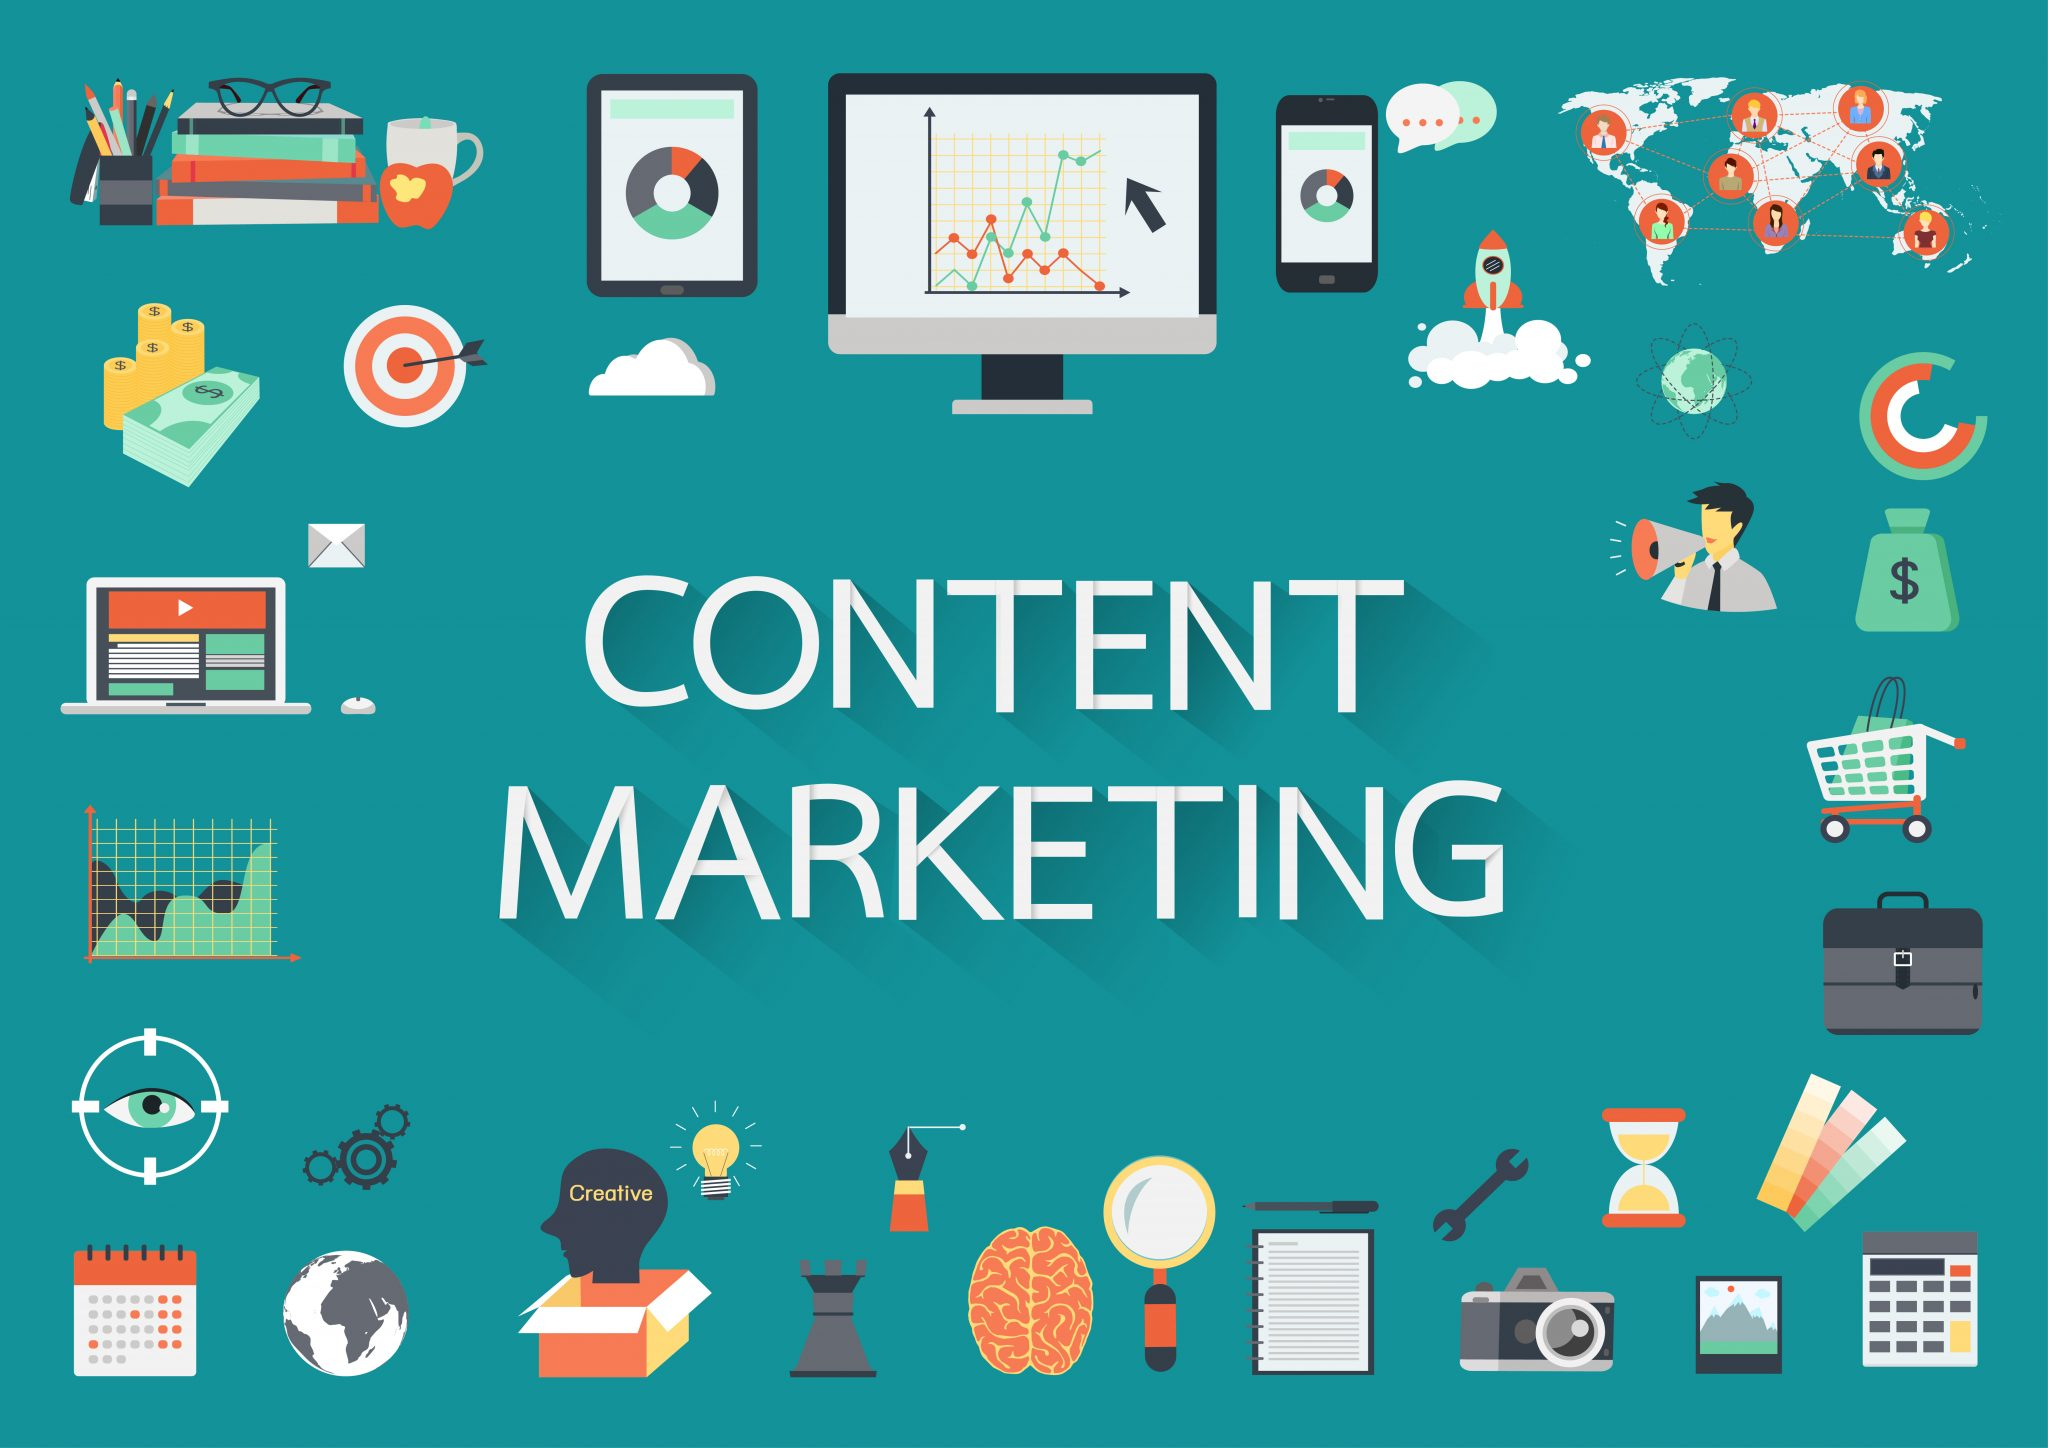 Бренд агенство и контент маркетинг для него